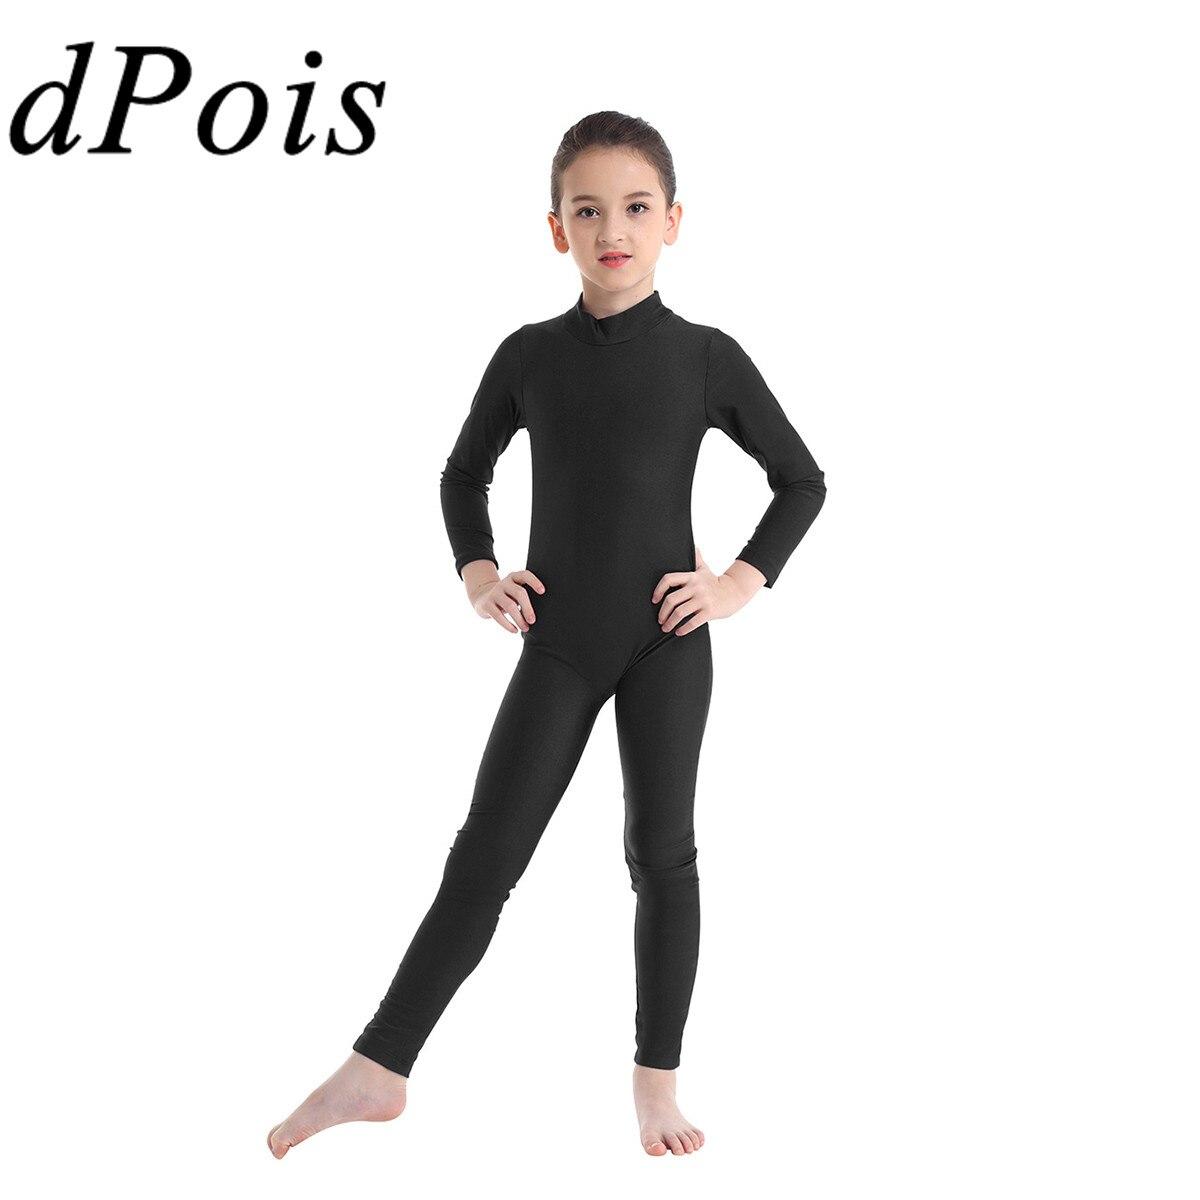 Crianças Meninas do Ballet Crianças Vestido De Dança Ginástica Leotard Bodysuit Swimwear Swimsuit Bailarina Contemporânea Dancing Stage Outfit